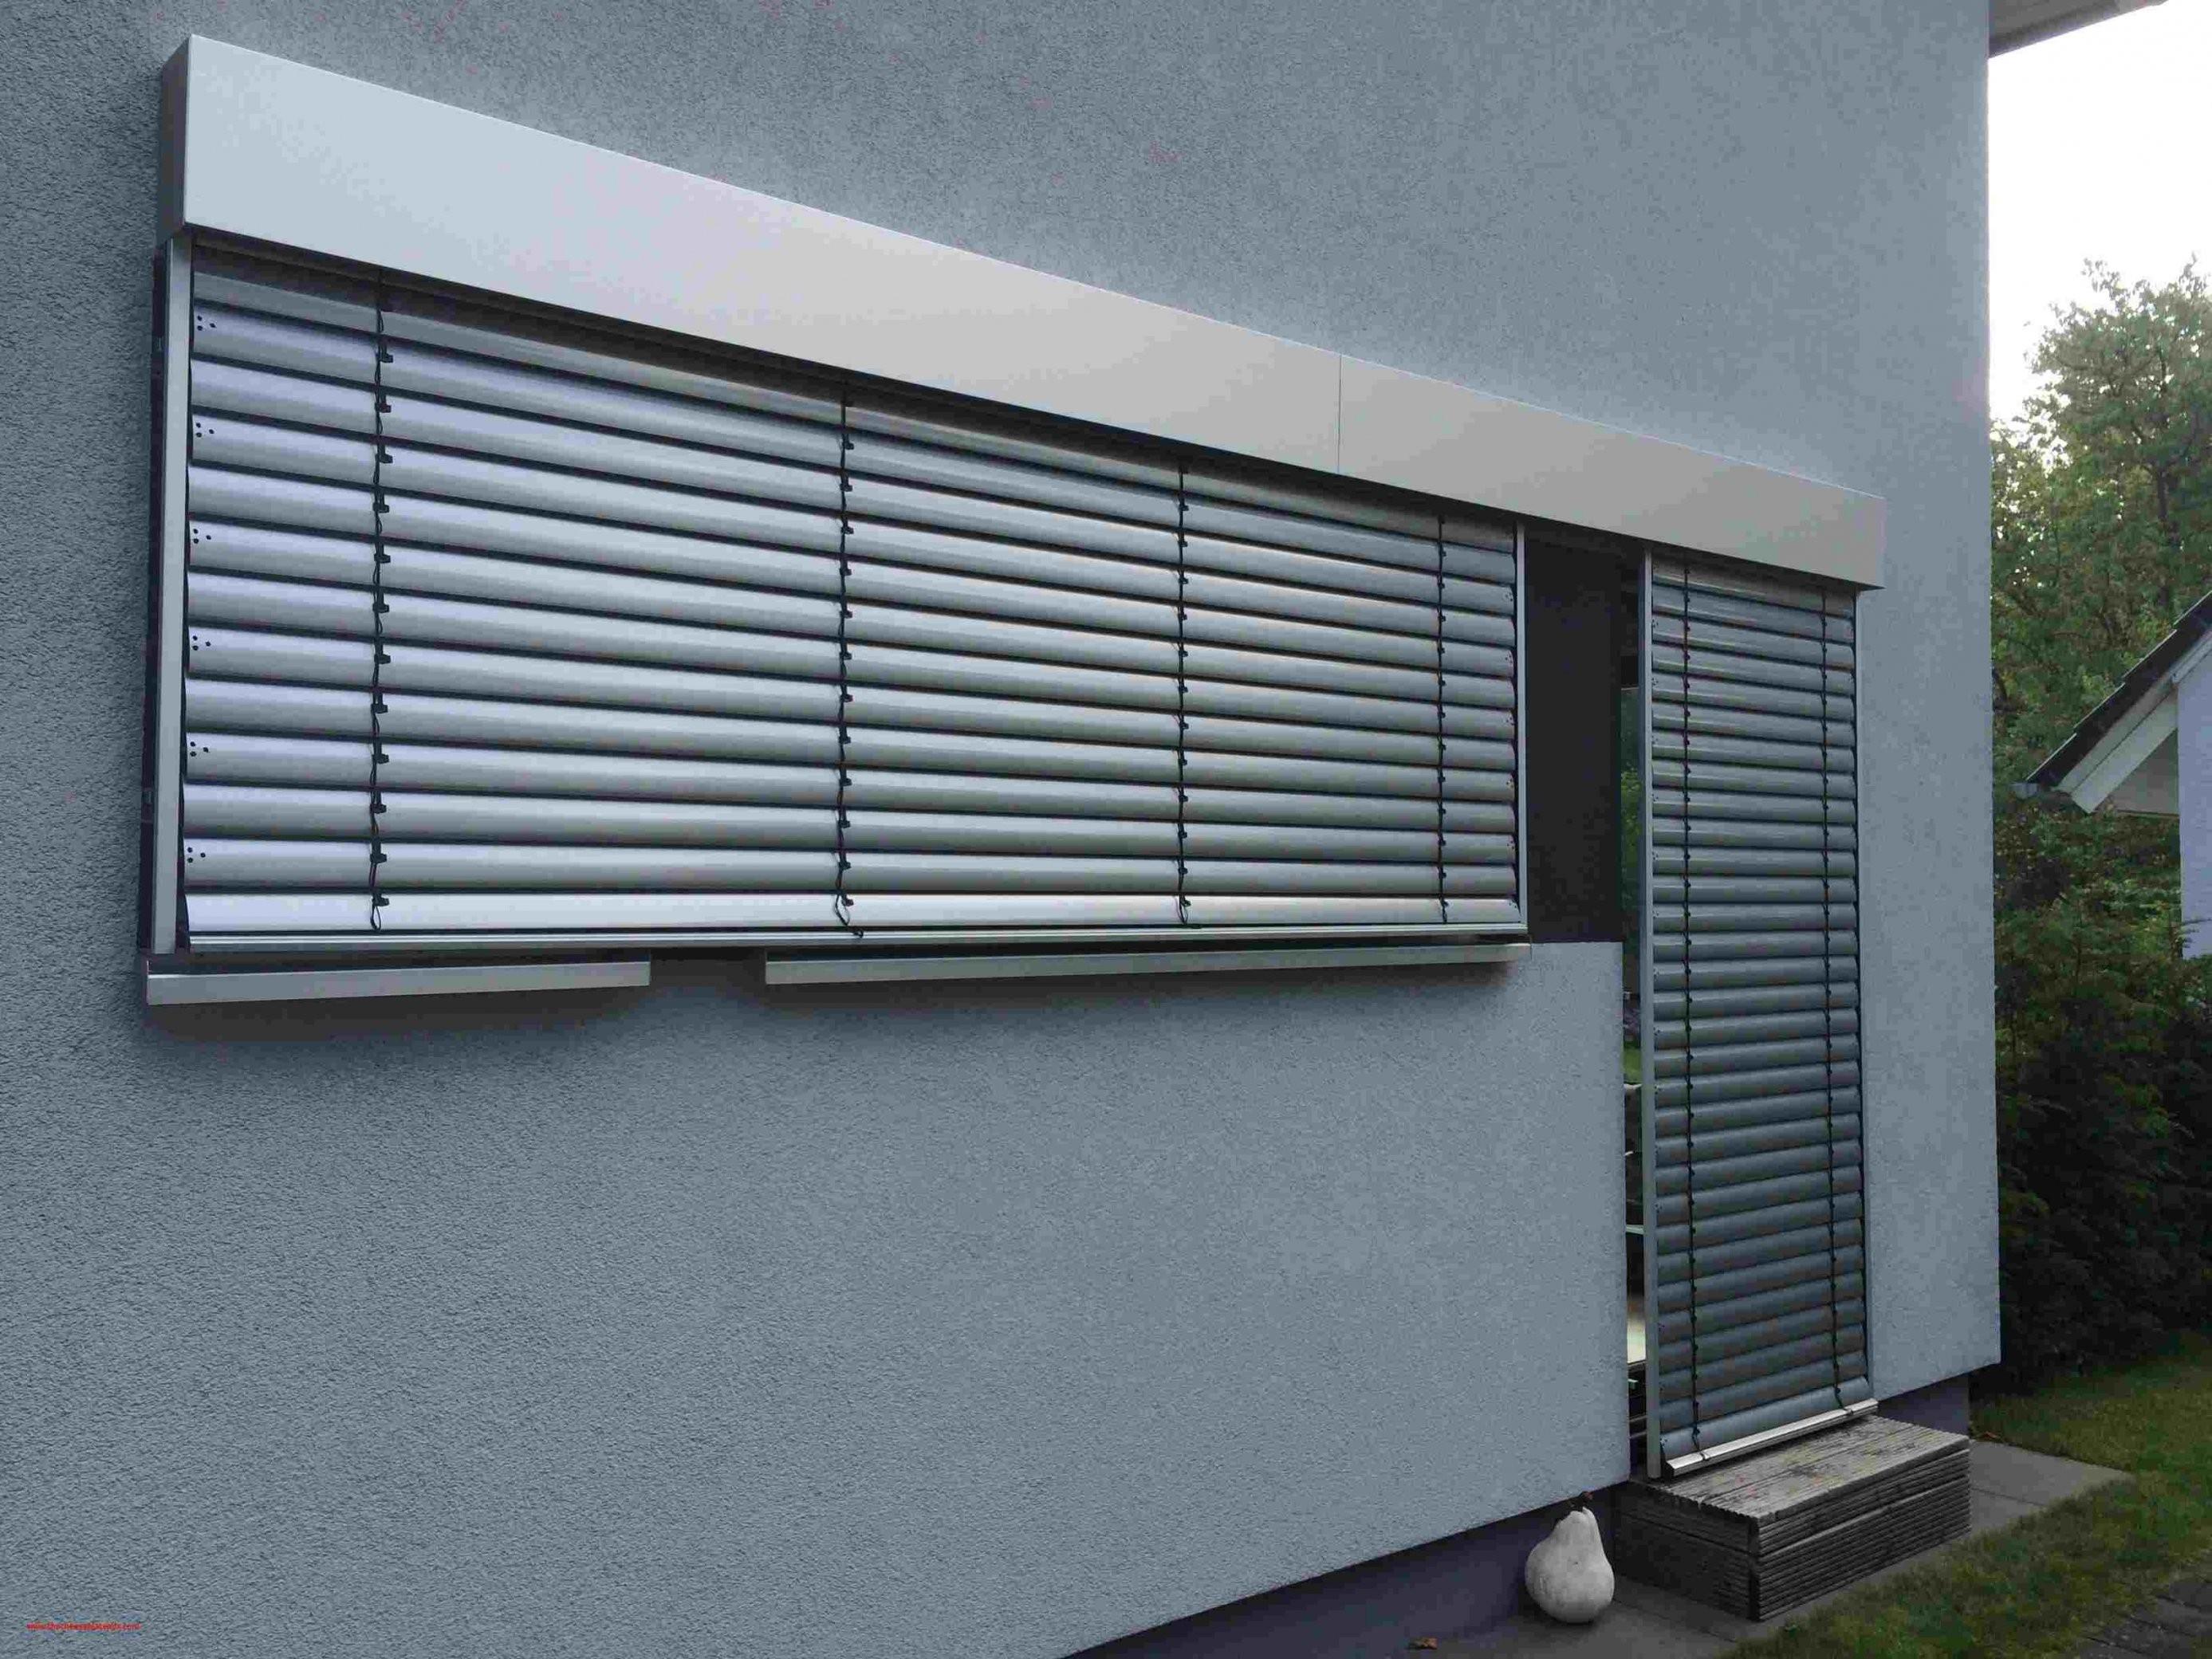 This Fenster Jalousien Innen Fensterrahmen Easy von Fenster Jalousien Innen Fensterrahmen Photo